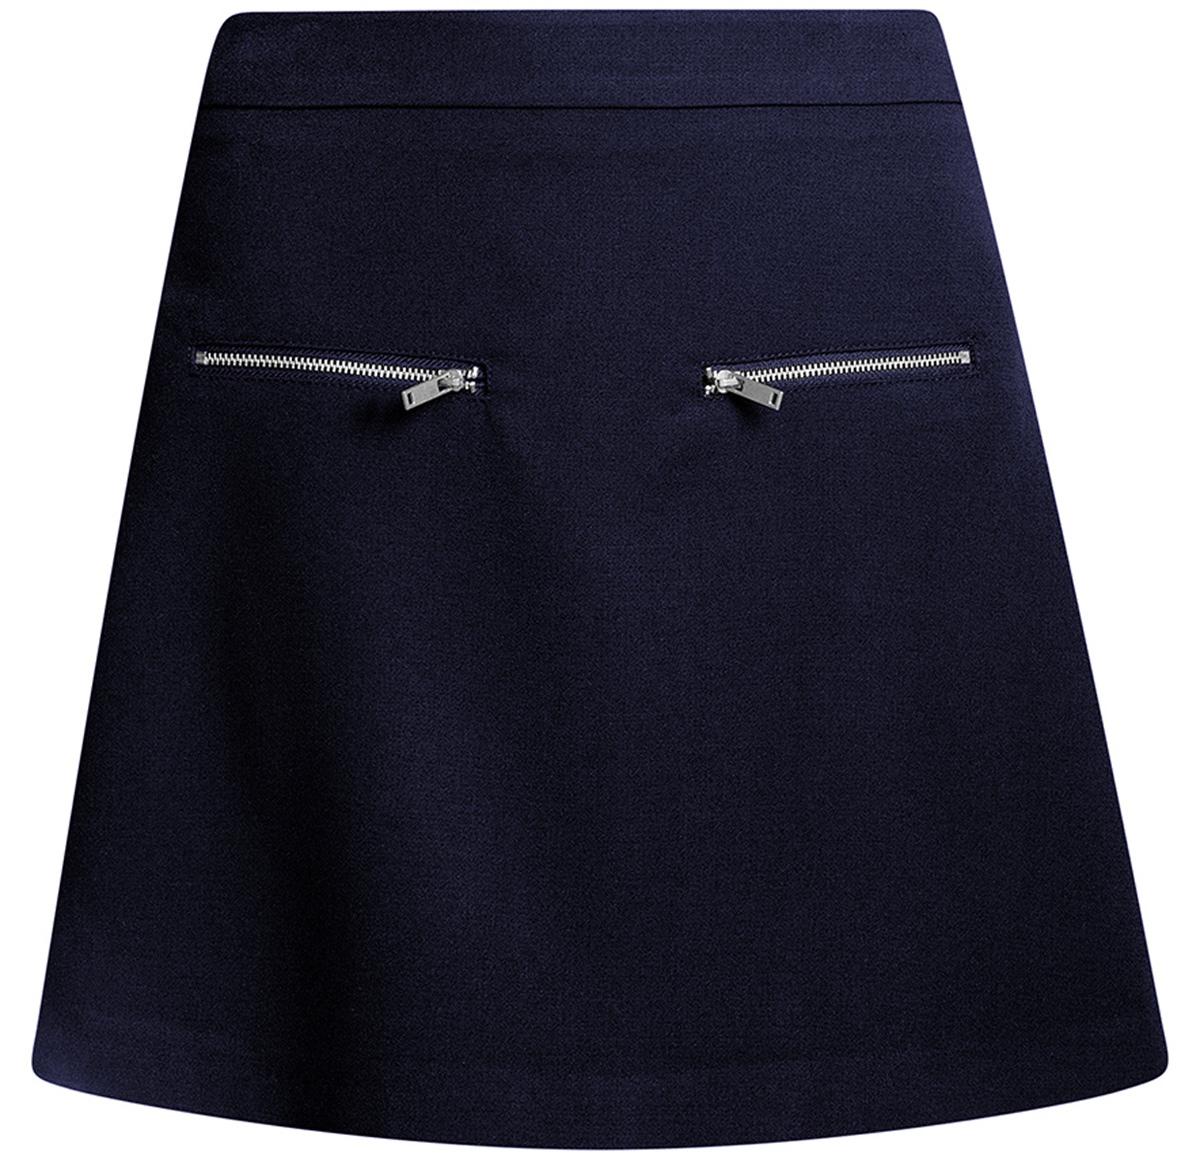 Юбка oodji Ultra, цвет: темно-синий. 11600436/31291/7900N. Размер 40-170 (46-170)11600436/31291/7900NСтильная мини--юбка в форме трапеции выполнена из высококачественного материала. Спереди модель декорирована металлическими молниями. Сзади юбка застегивается на потайную застежку-молнию.